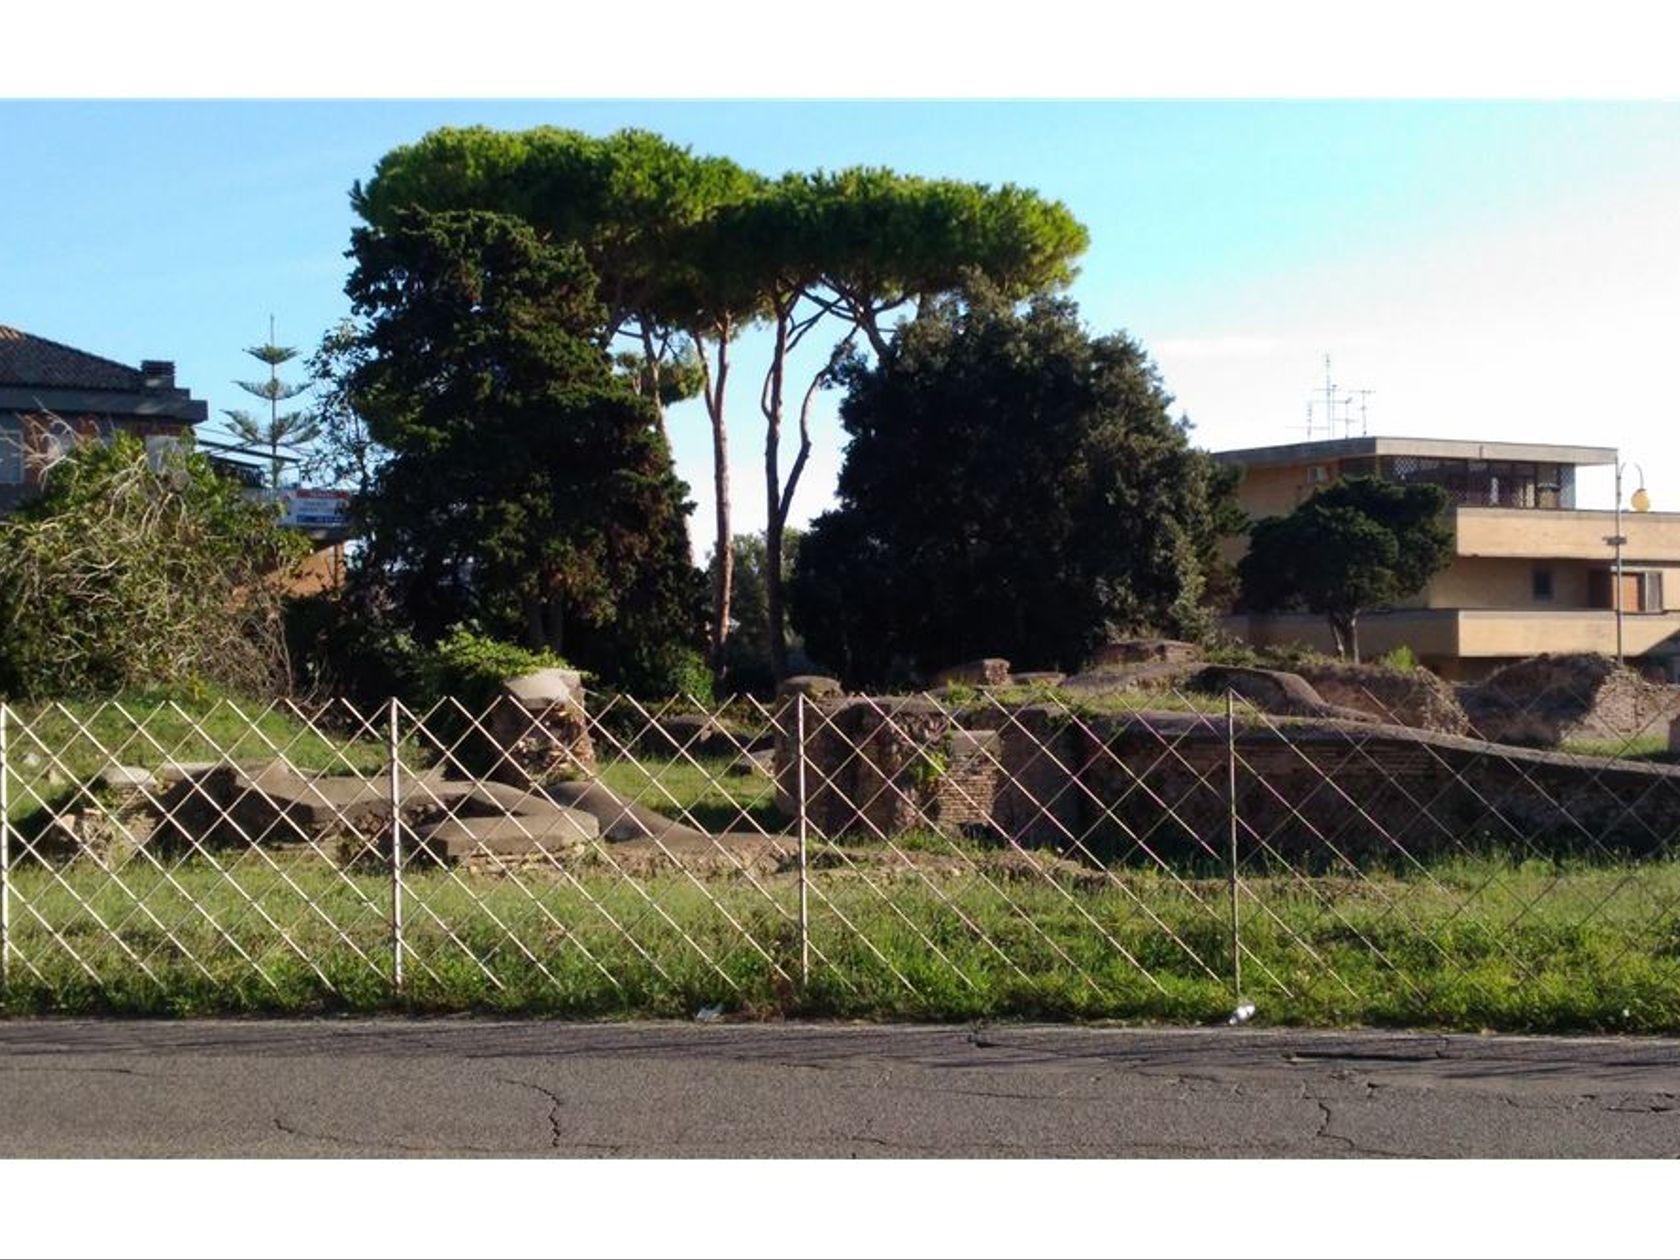 Attico/Mansarda Anzio-santa Teresa, Anzio, RM Vendita - Foto 9